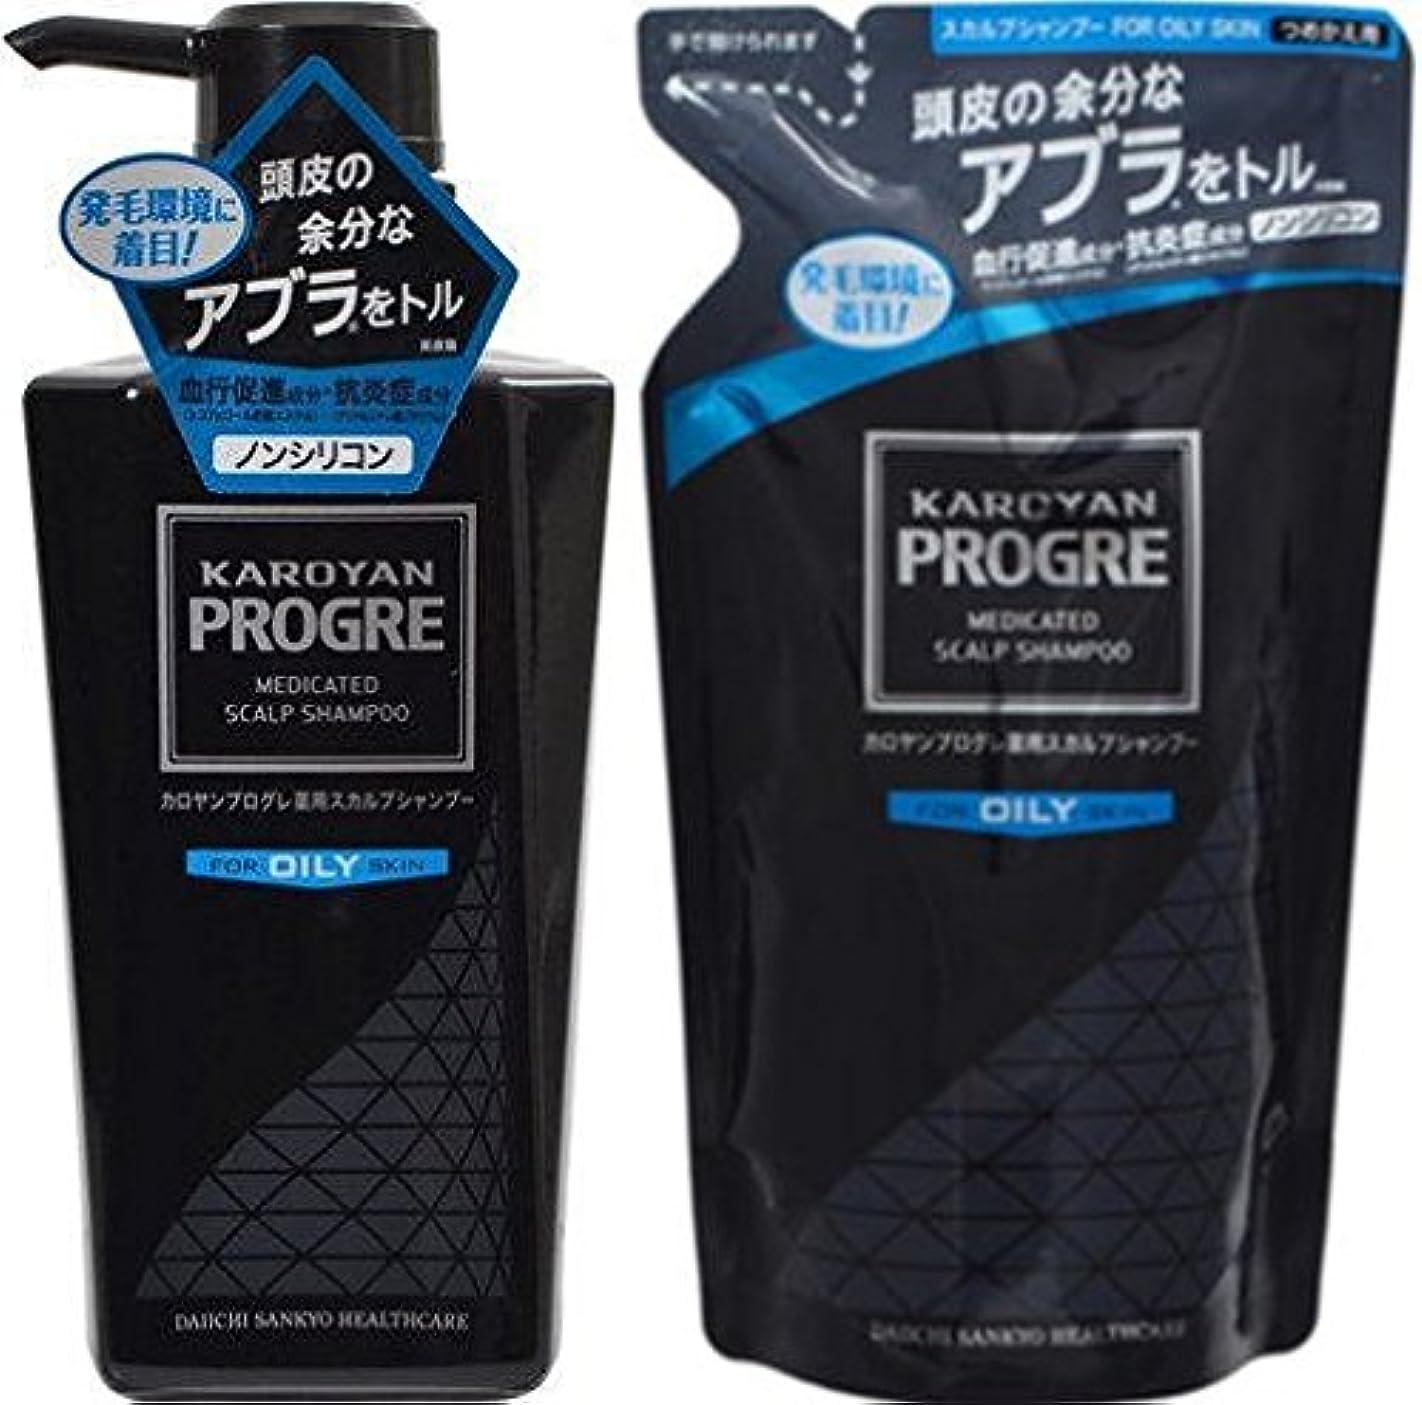 ホラー火炎資産カロヤンプログレ薬用スカルプシャンプーOILY300ml+詰替え用240ml